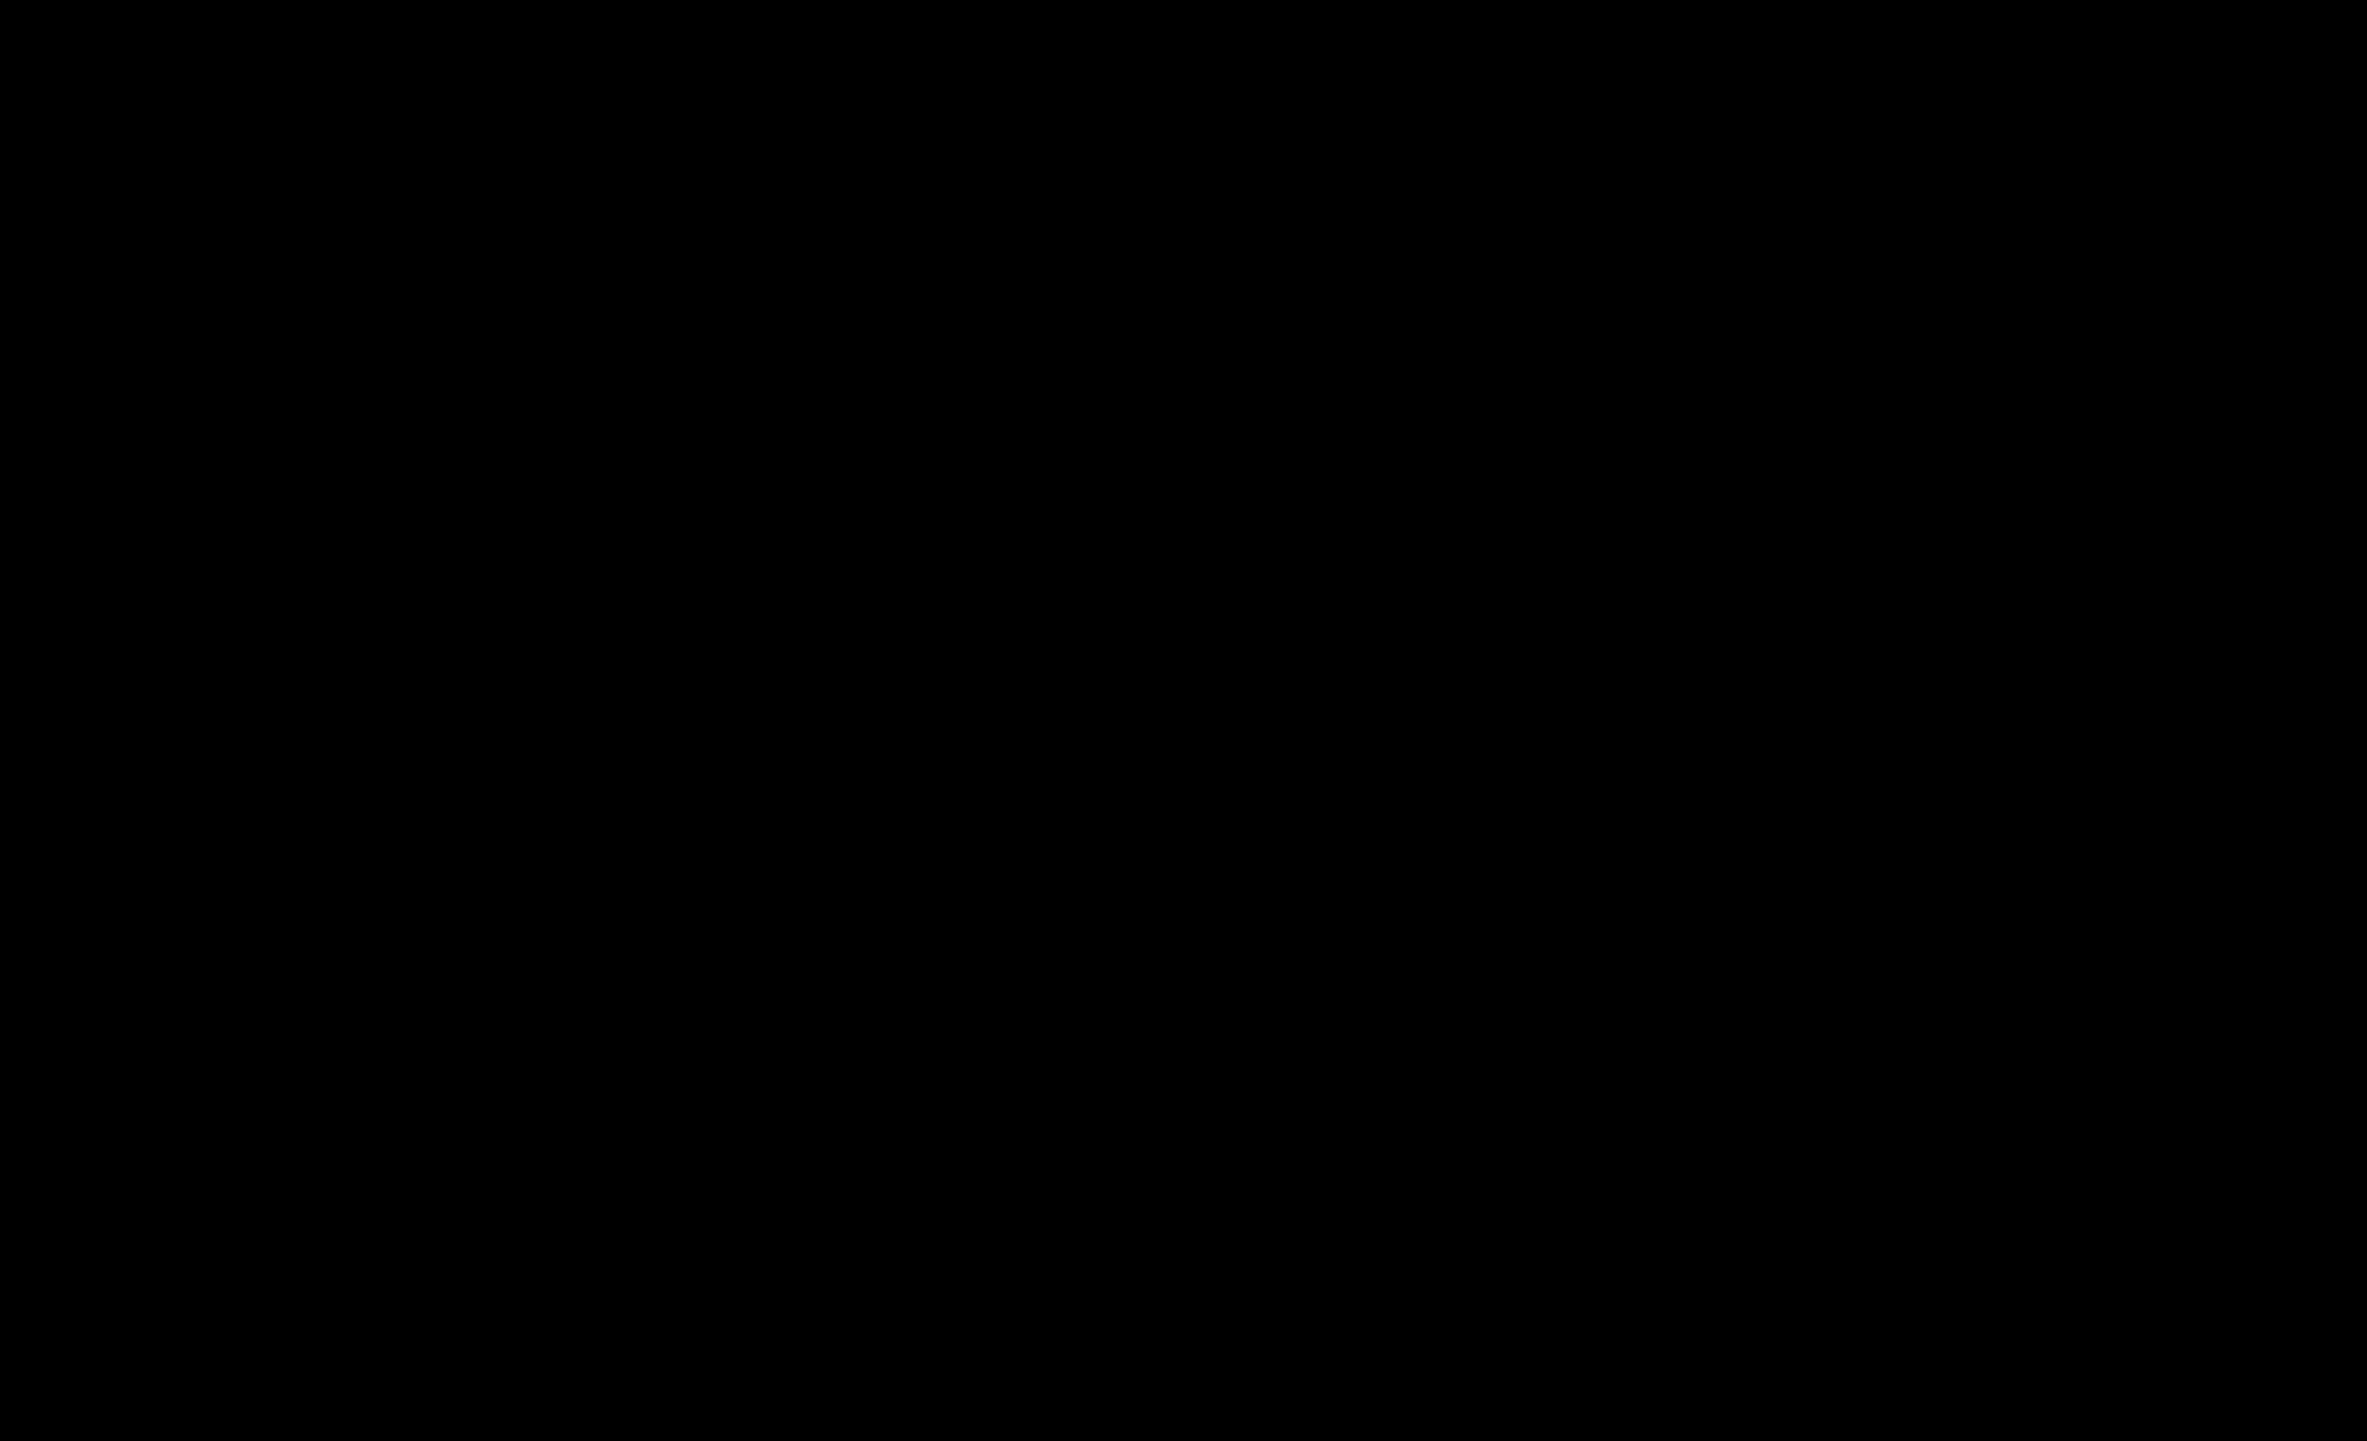 poniżej przedstawiono wykres funkcji f